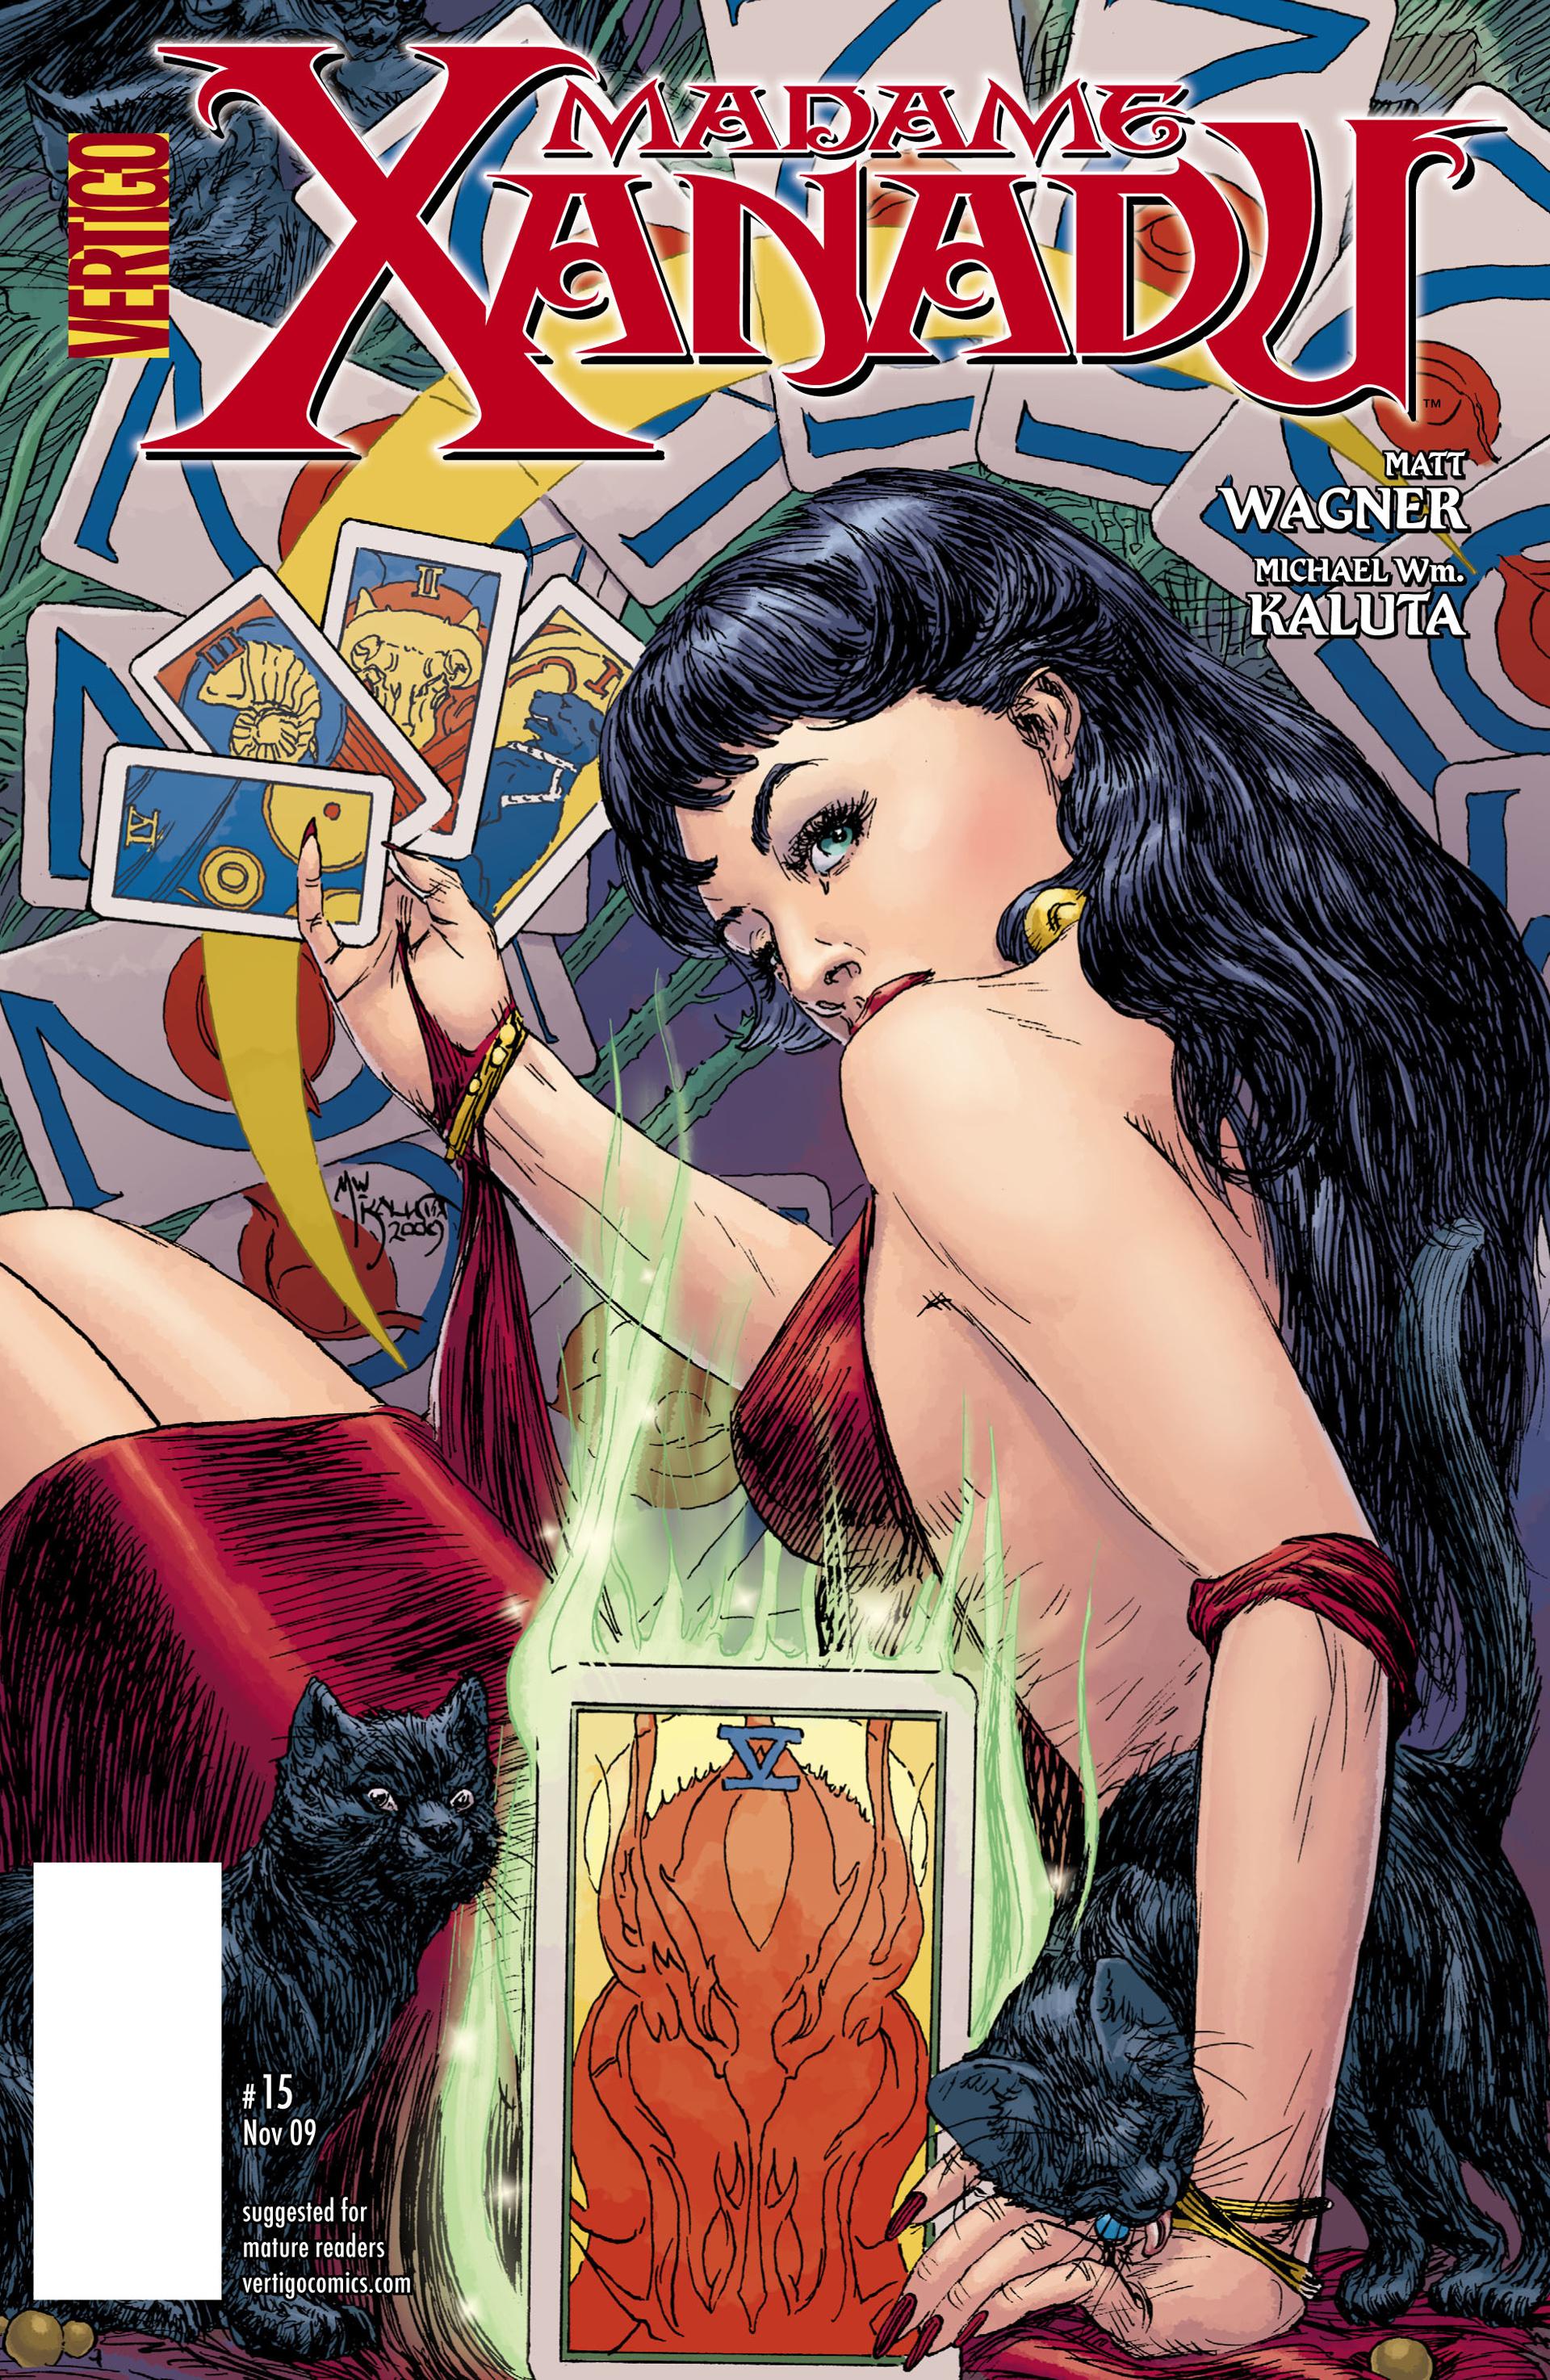 Madame Xanadu issue 15 - Page 1